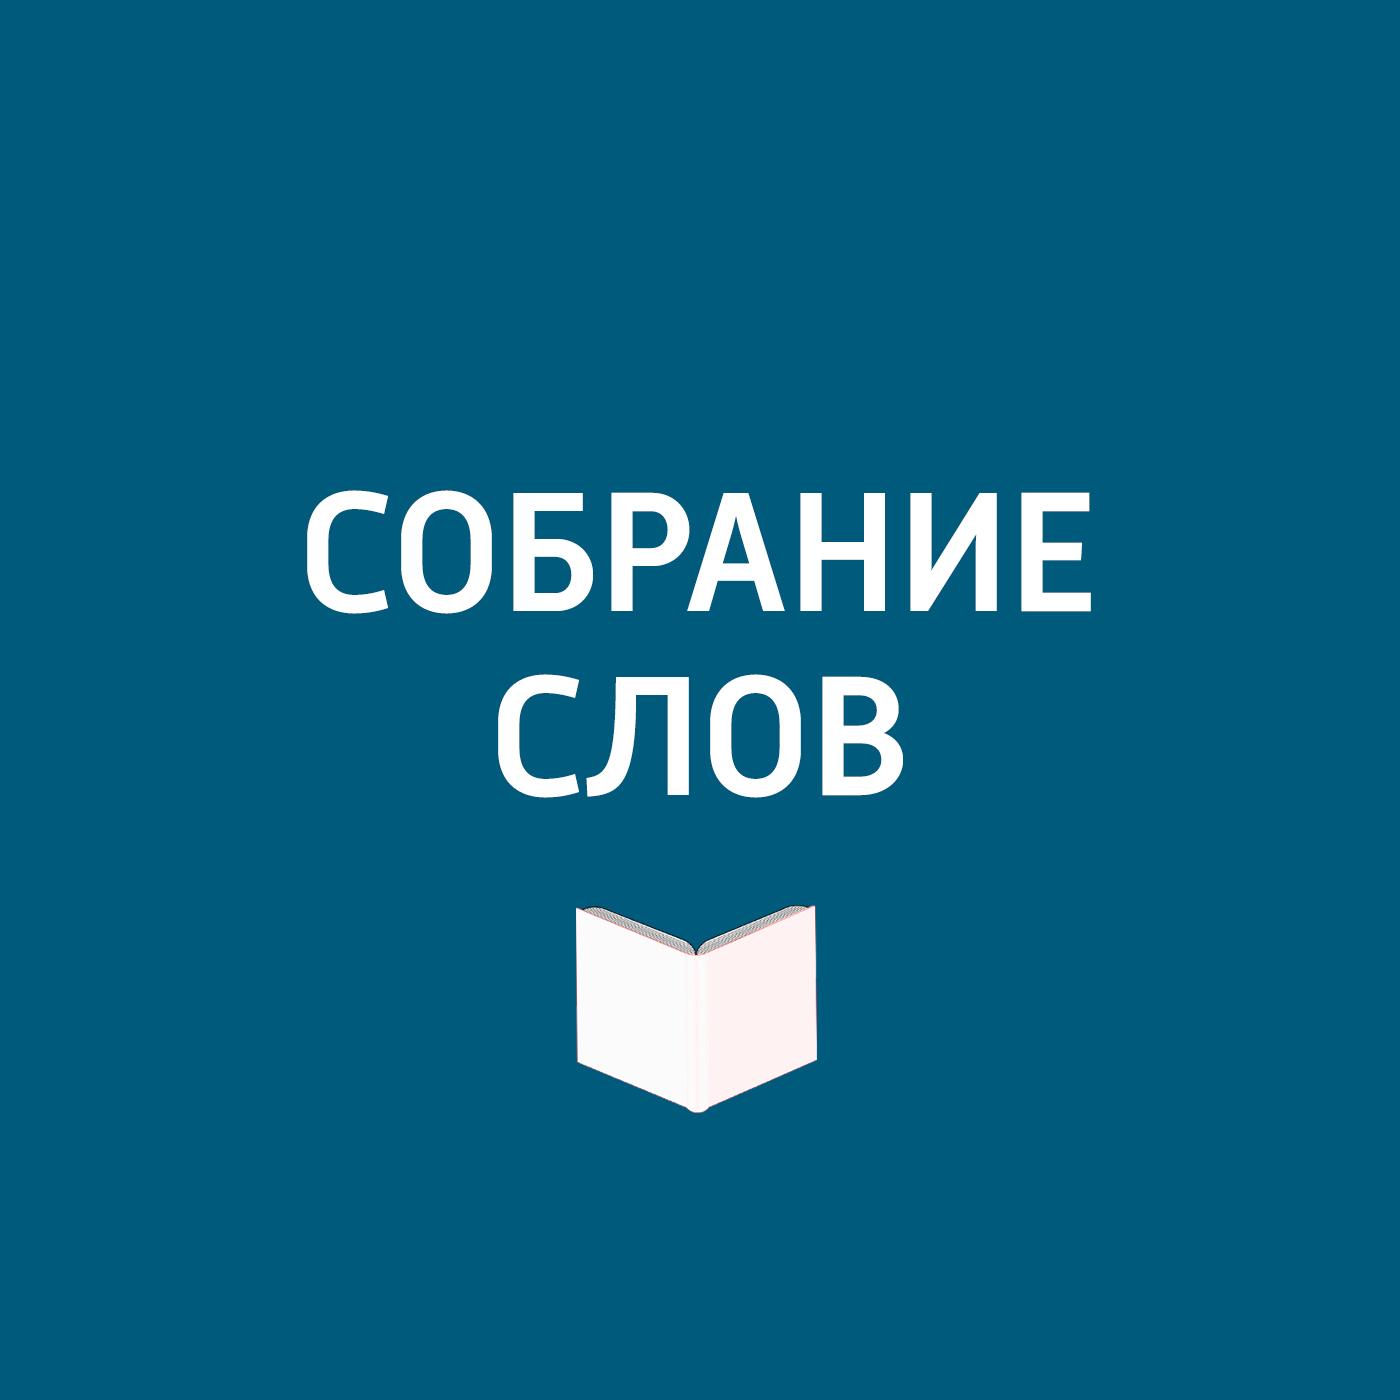 цена на Творческий коллектив программы «Собрание слов» Большое интервью Анатолия Кролла